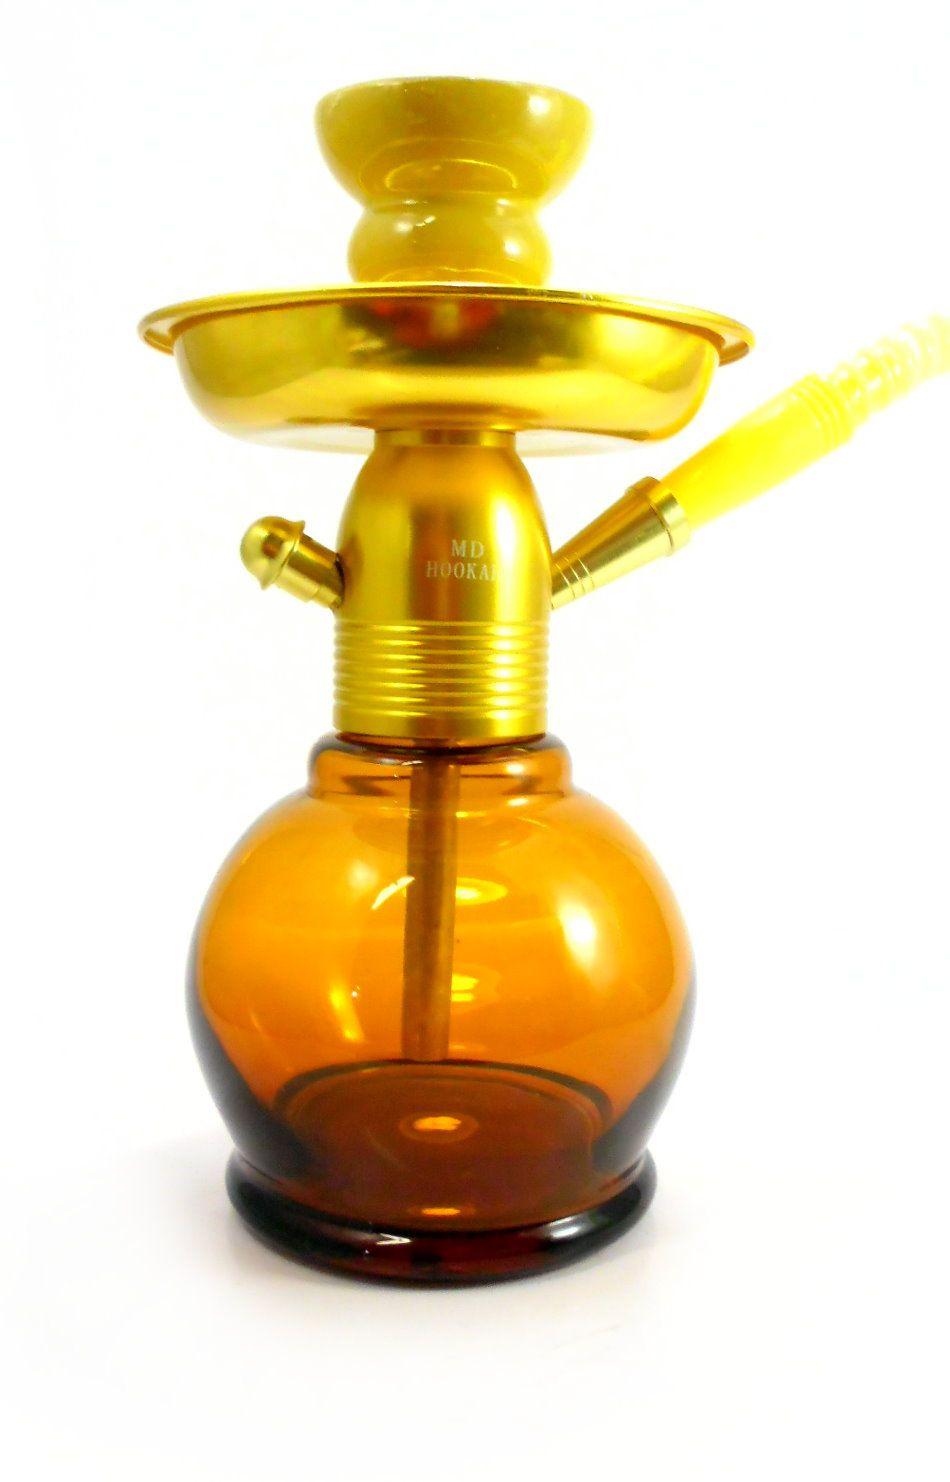 Narguile MD Hookah NEW 26cm DOURADO. Vaso Ball amarelo, stem usinado em alumínio, pintura anodizada.